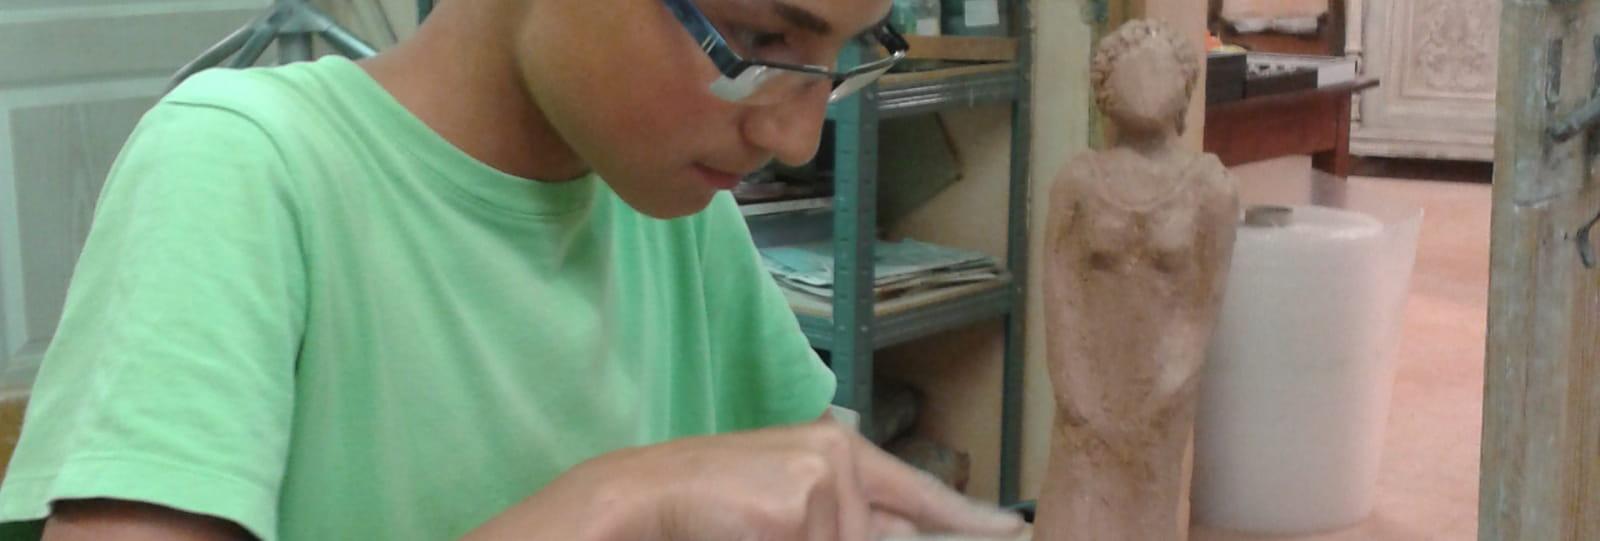 Atelier poterie-sculpture (Baladez curieux)